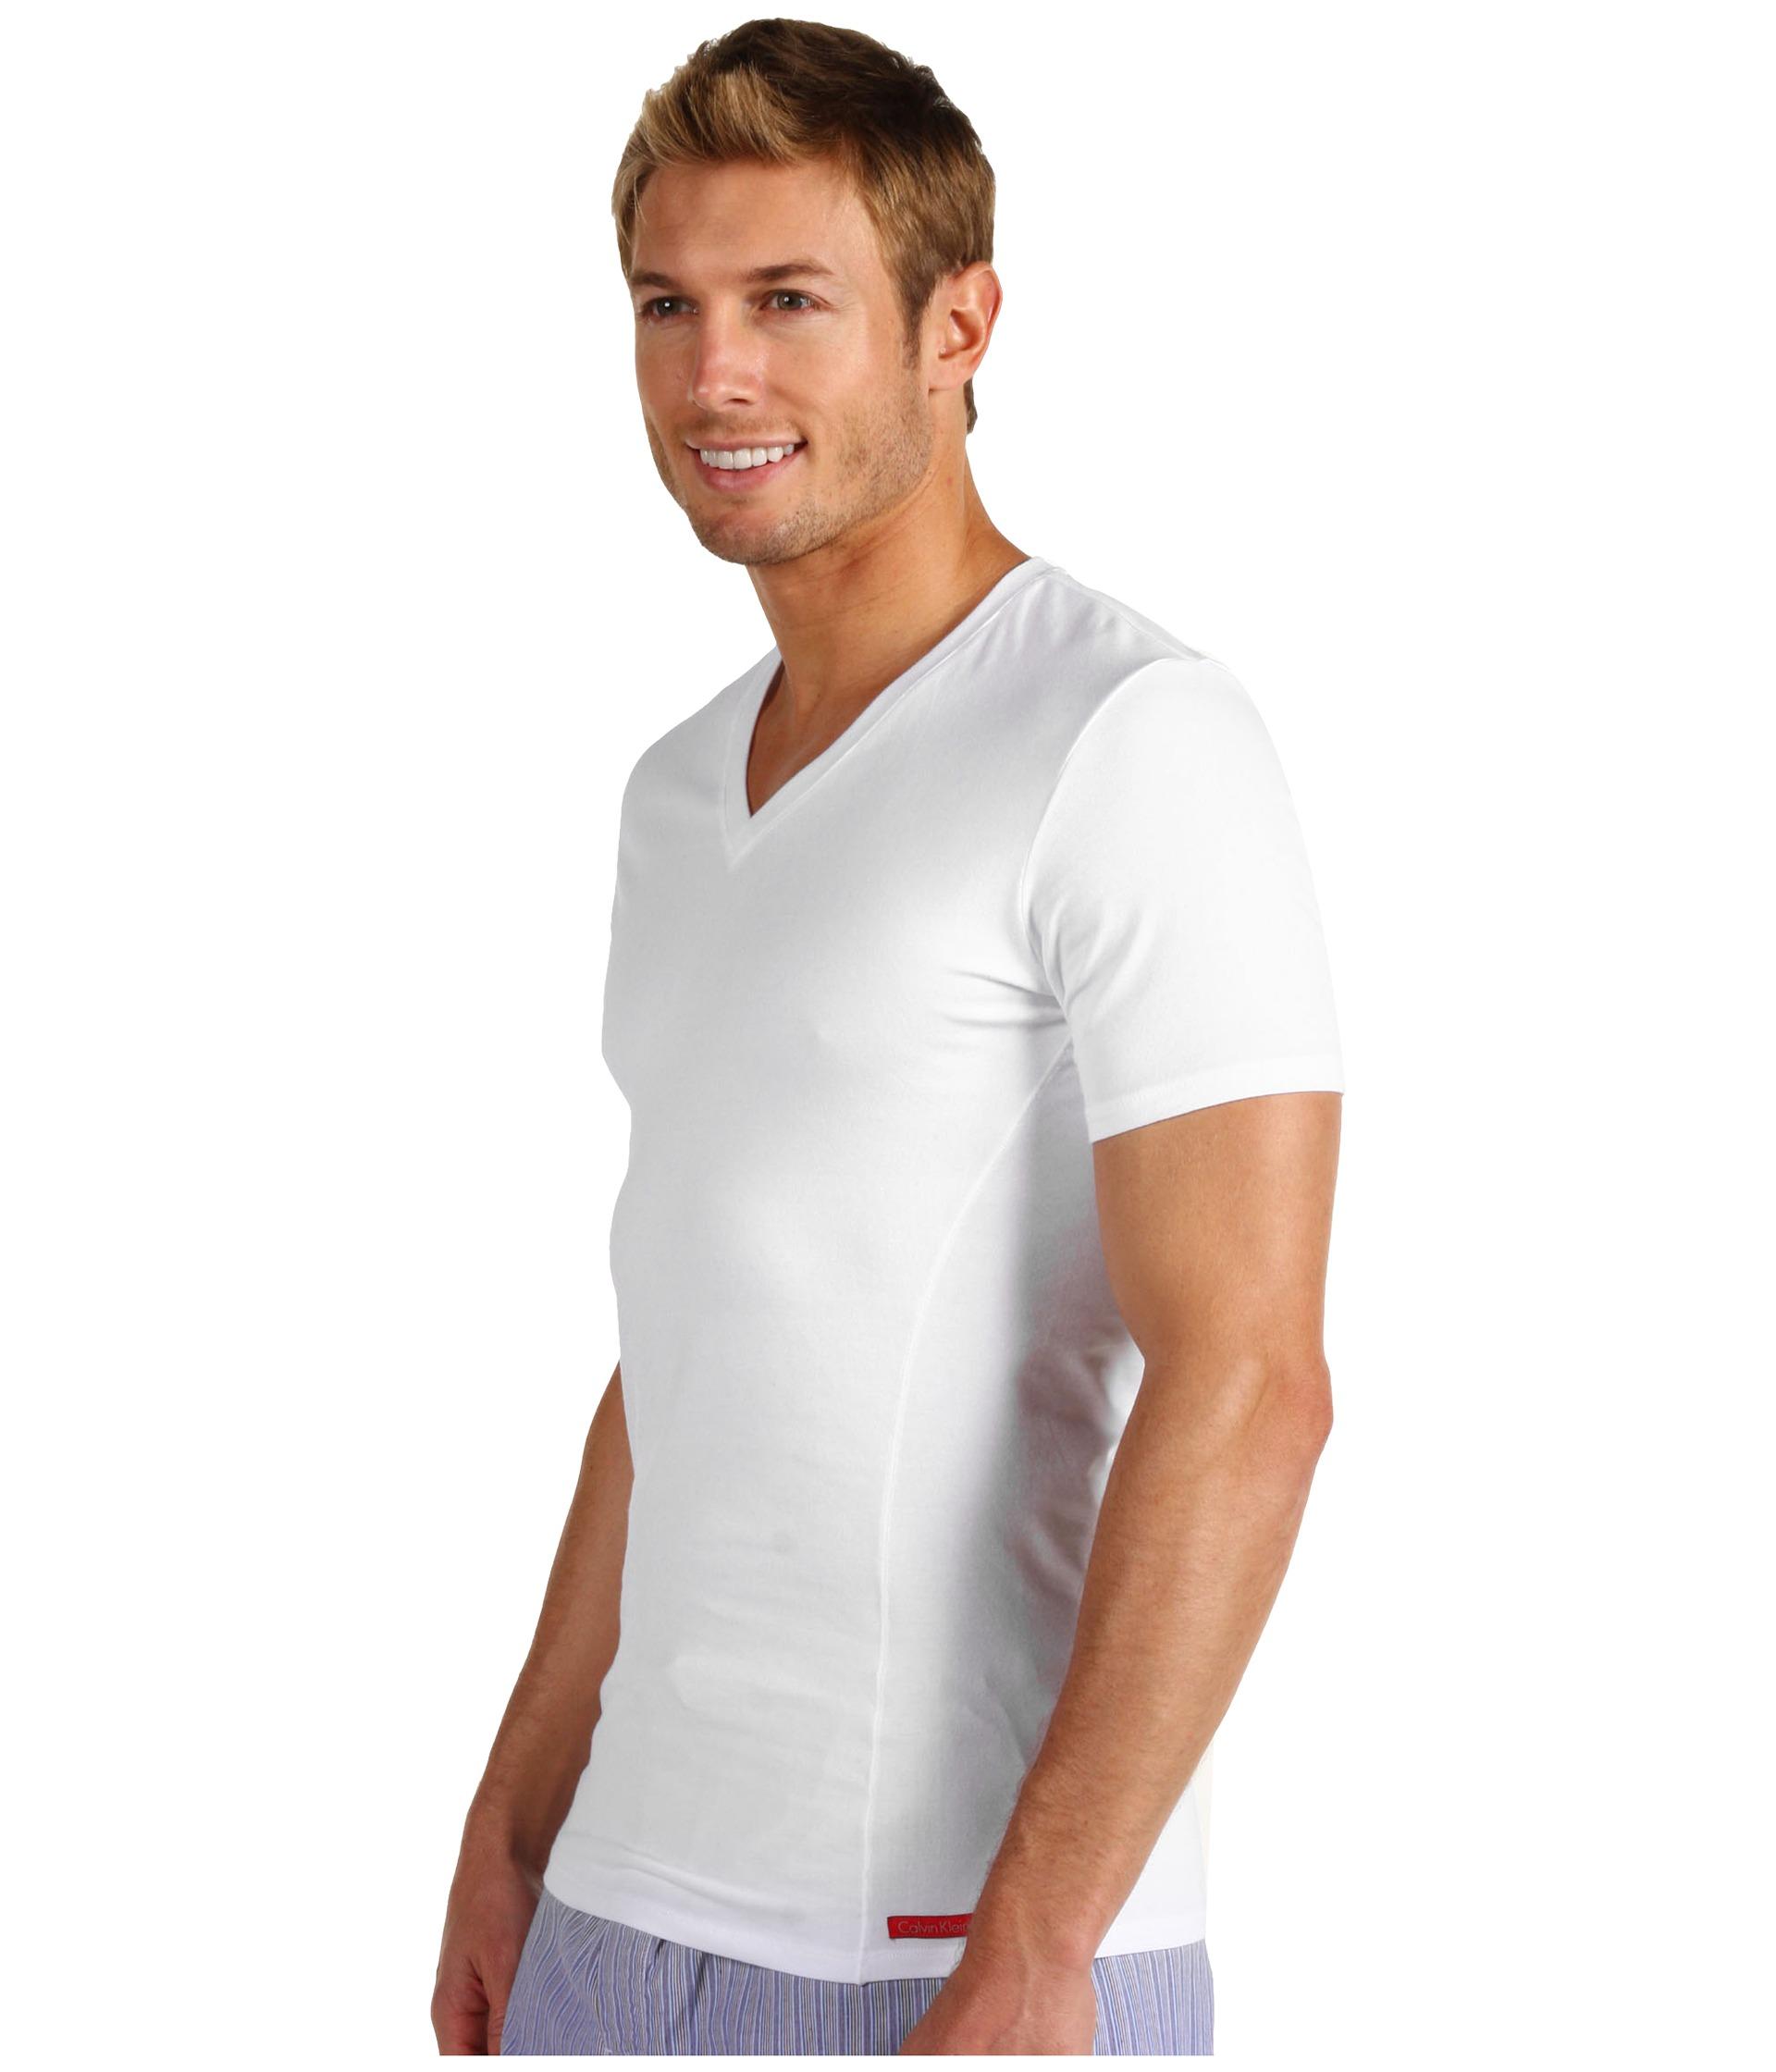 Calvin klein underwear pro stretch slim fit v neck u8608 for Calvin klein slim fit stretch shirt